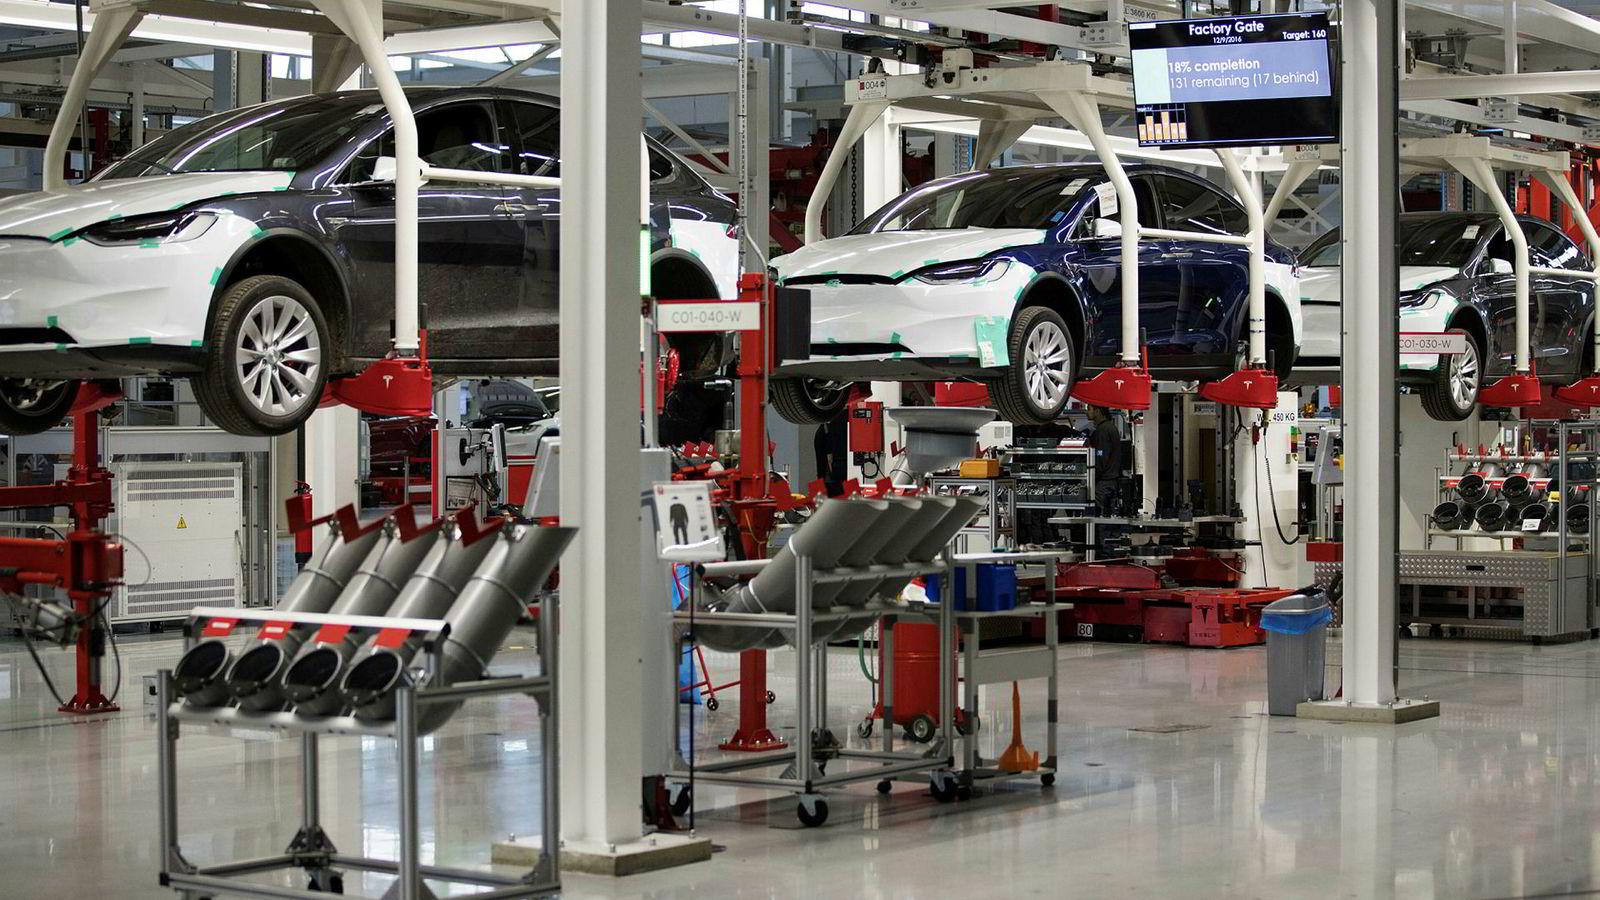 Mangelen på elbiler er i ferd med å snu personbilmarkedet på hodet. 40.000 kunder står på venteliste for elbiler her i landet. Flere skal det bli.